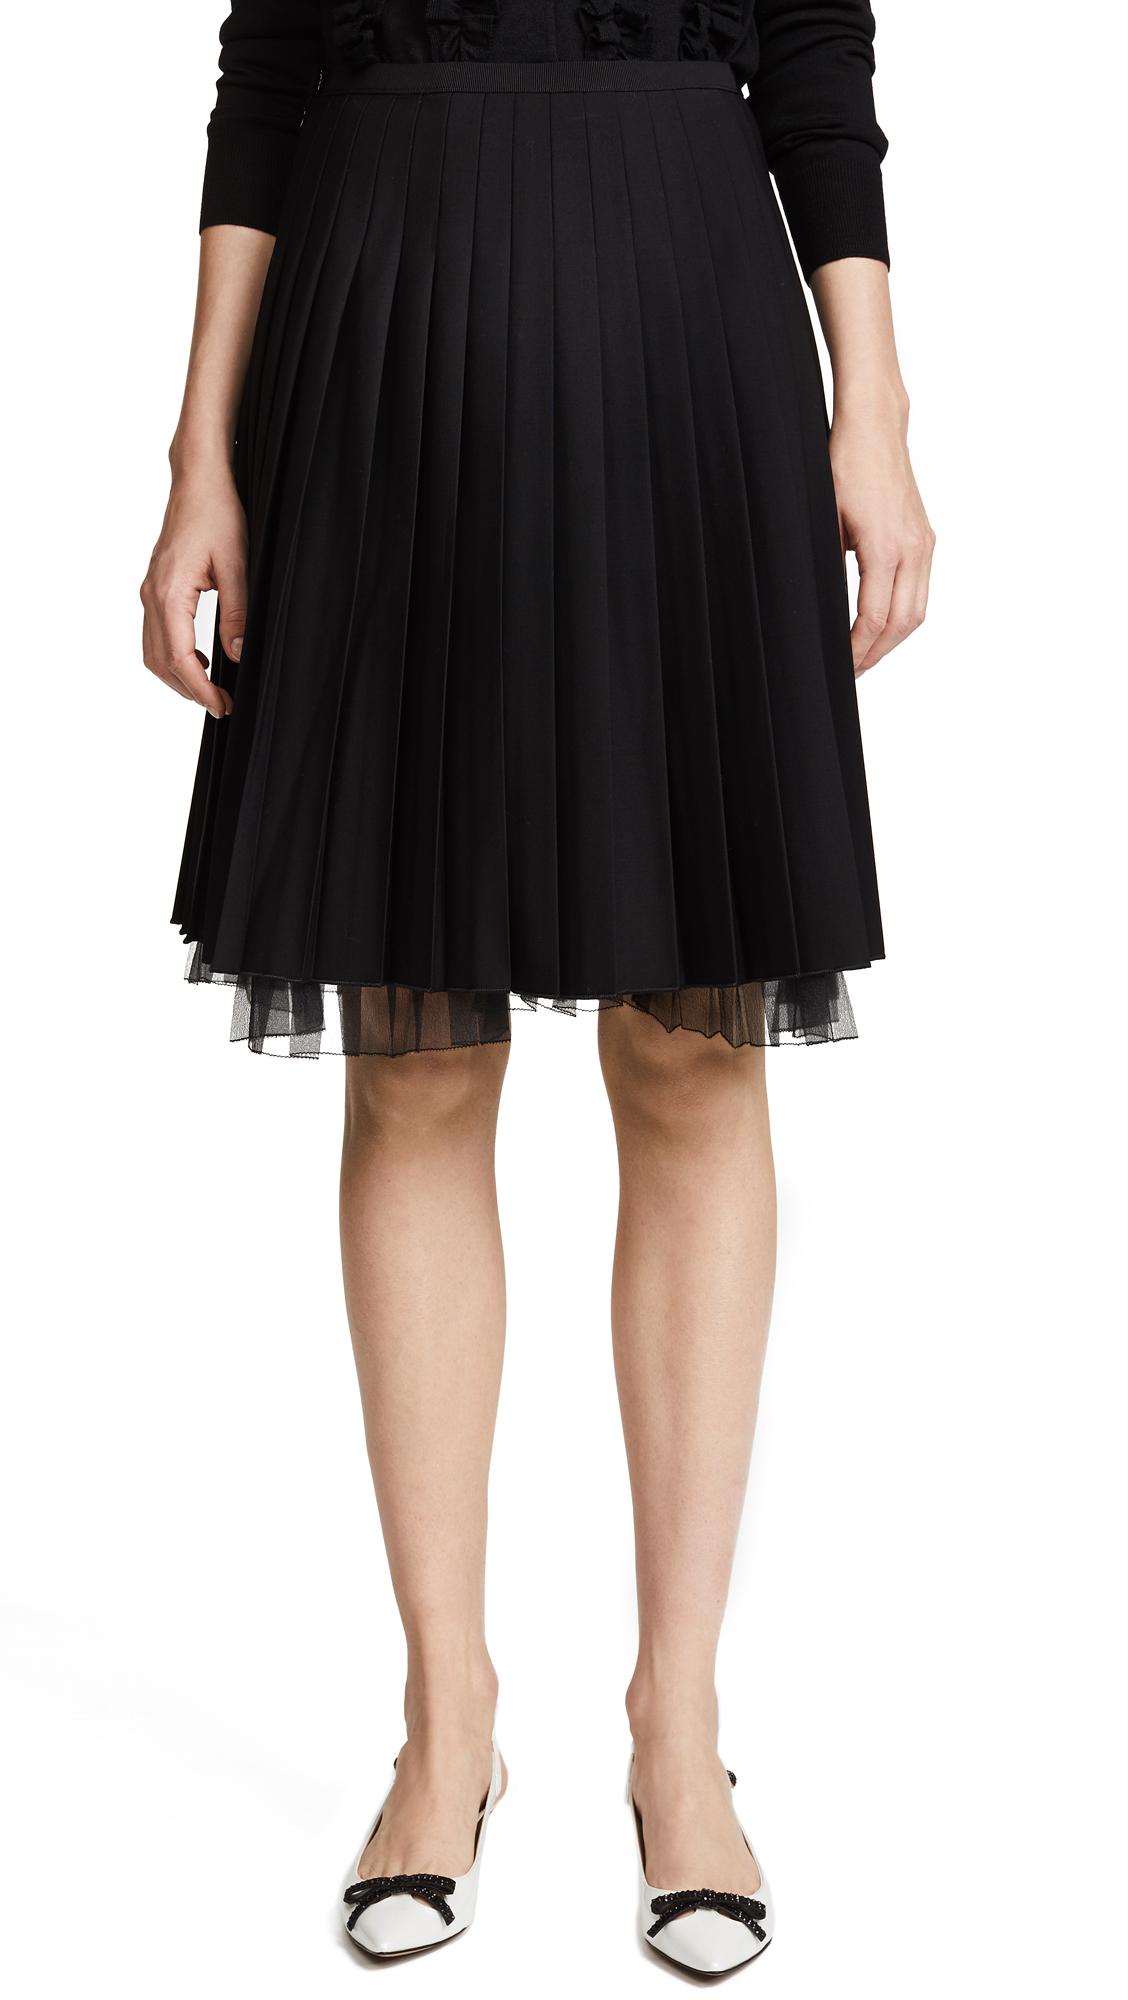 Marc Jacobs Pleated Wool Skirt - Black